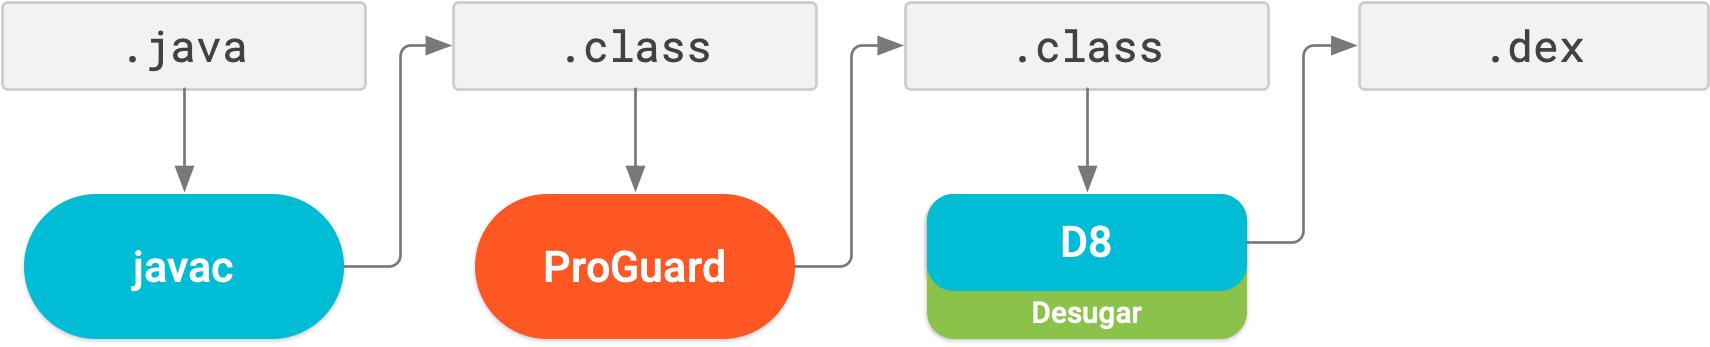 在 R8 之前,ProGuard 是一个与 dex 和脱糖不同的编译步骤。